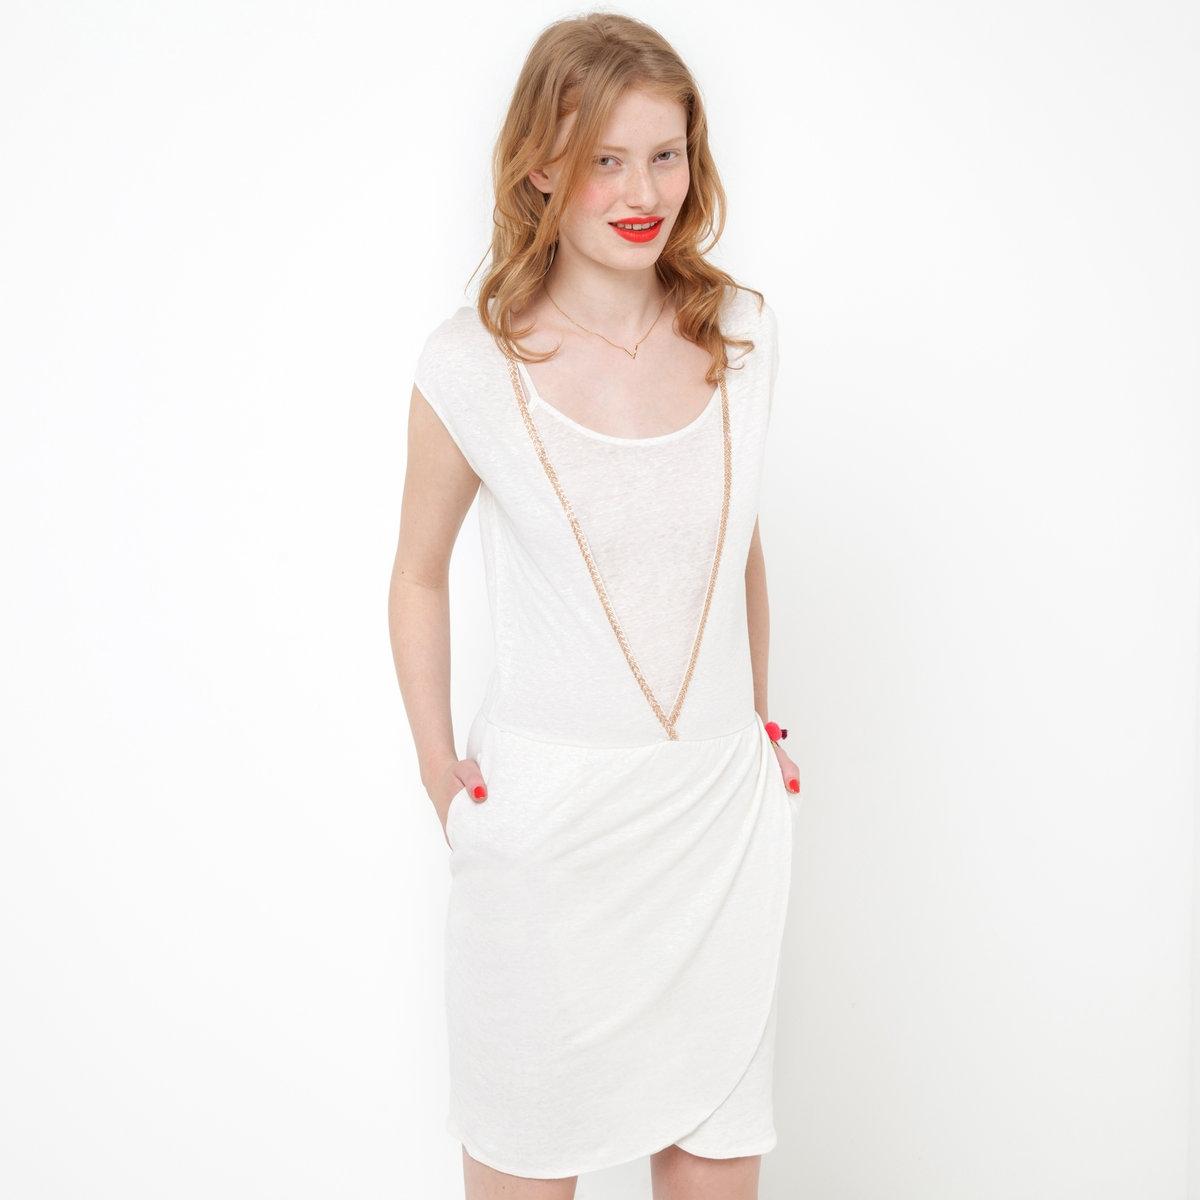 Платье с драпировкой, 100% льнаПлатье с драпировкой, 100% льна. На подкладке. V-образный вырез украшен металлическими бусинами. Без рукавов. Сборки на талии. Подкладка из 100% льна. Длина ок.90 см.<br><br>Цвет: слоновая кость